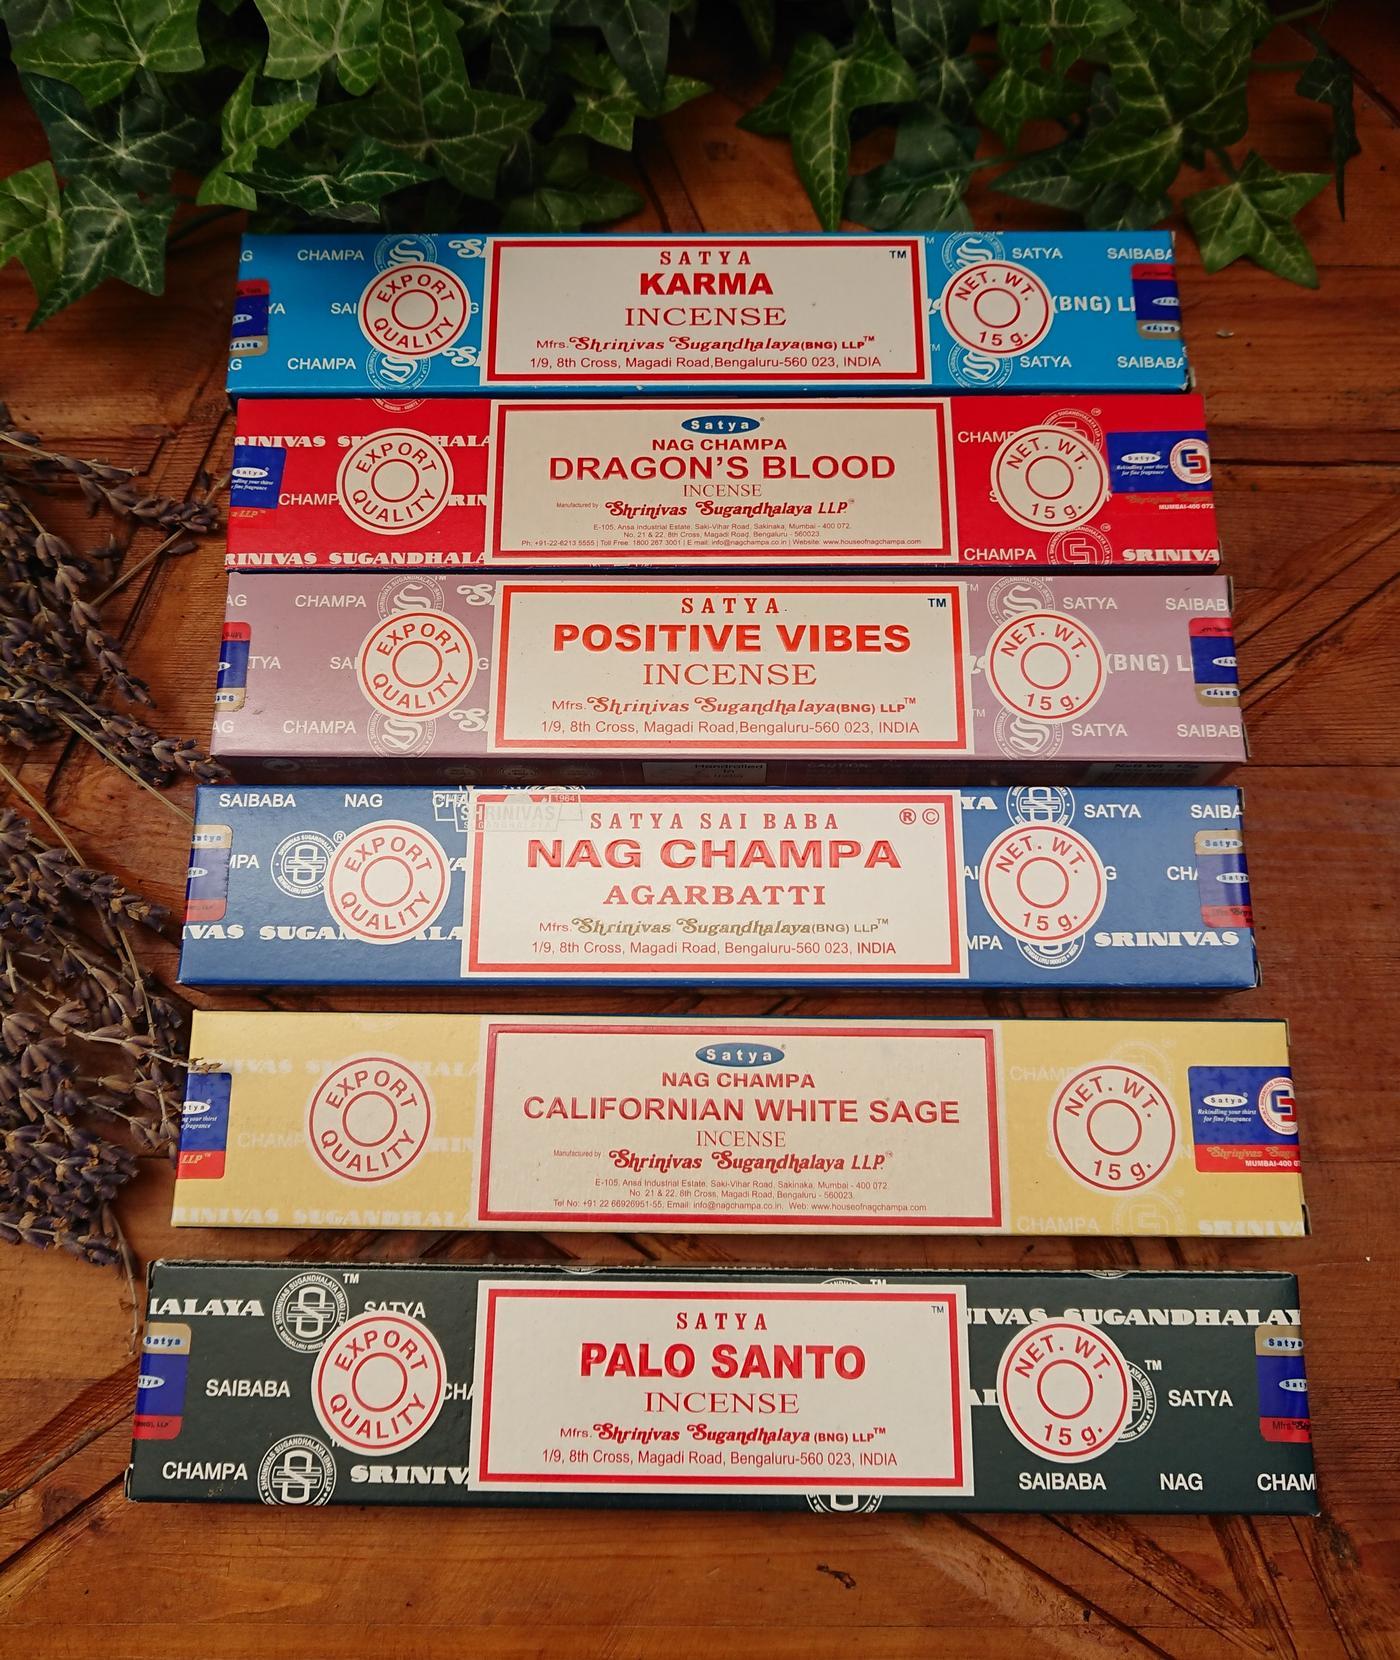 Satya Variety Incense Pack